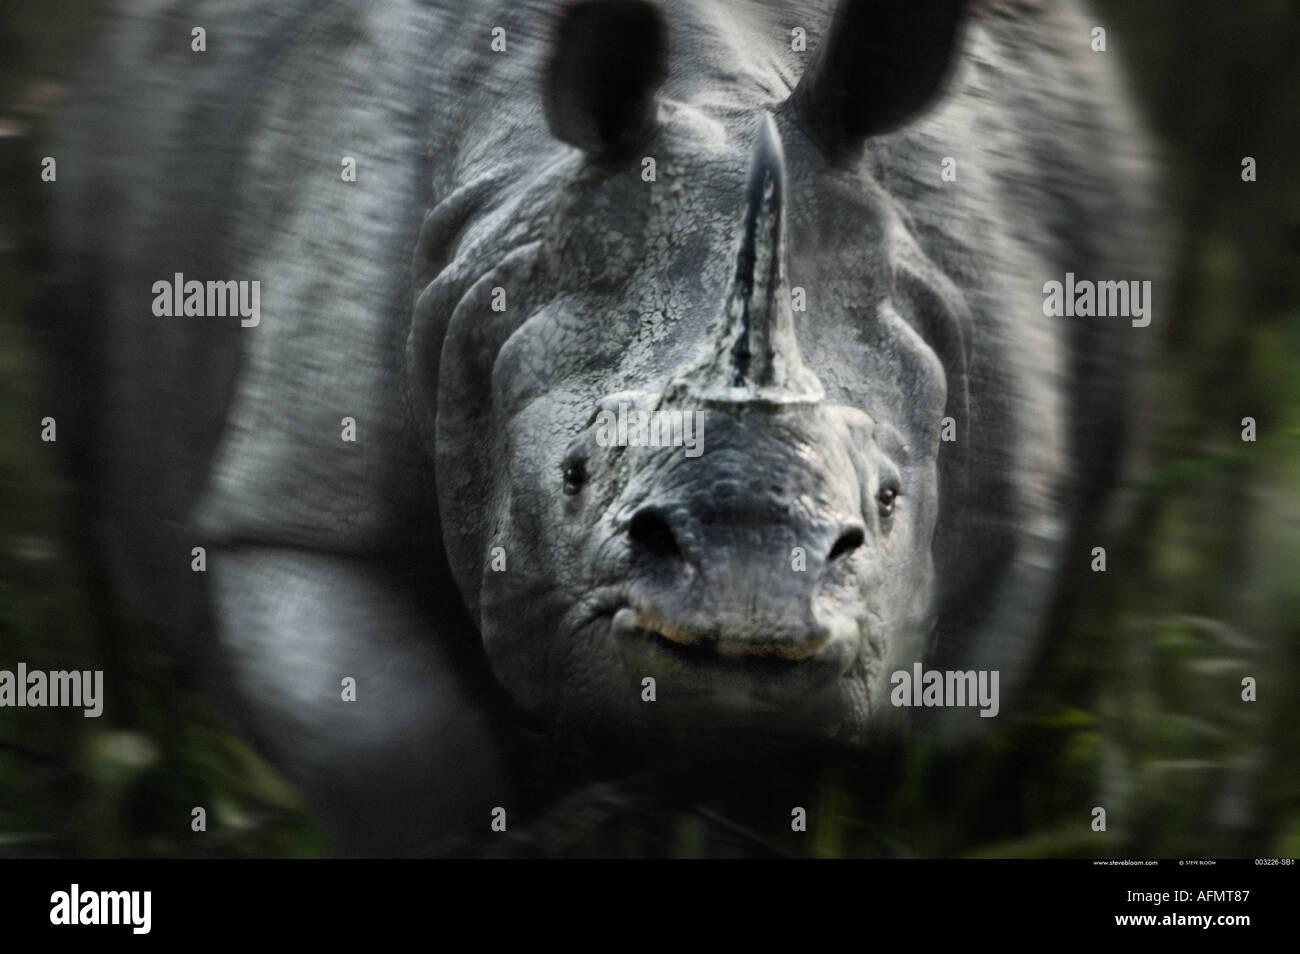 La carica del rinoceronte indiano Kaziranga India Foto Stock